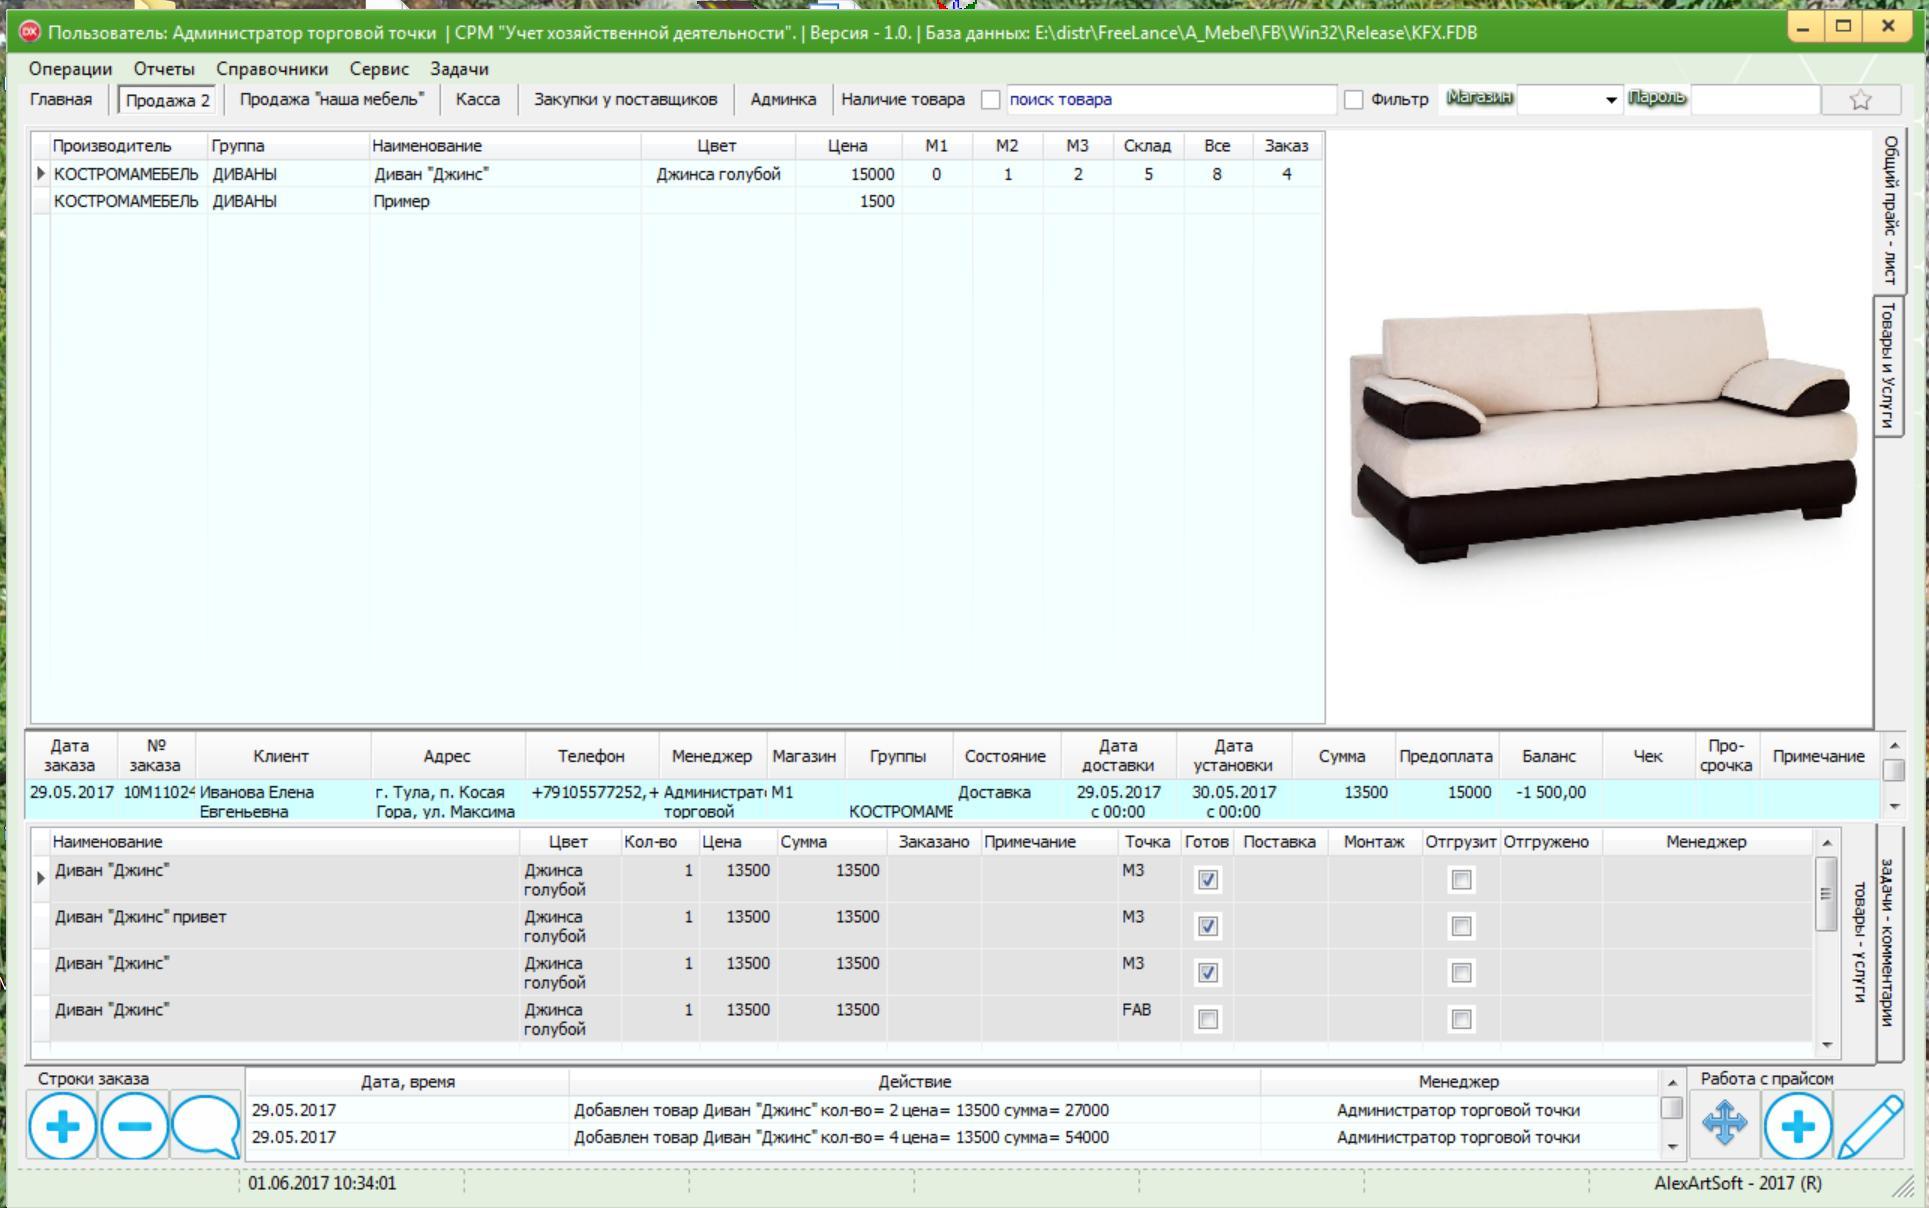 Заказ, доставка, монтаж мебели в магазине и производство мебели